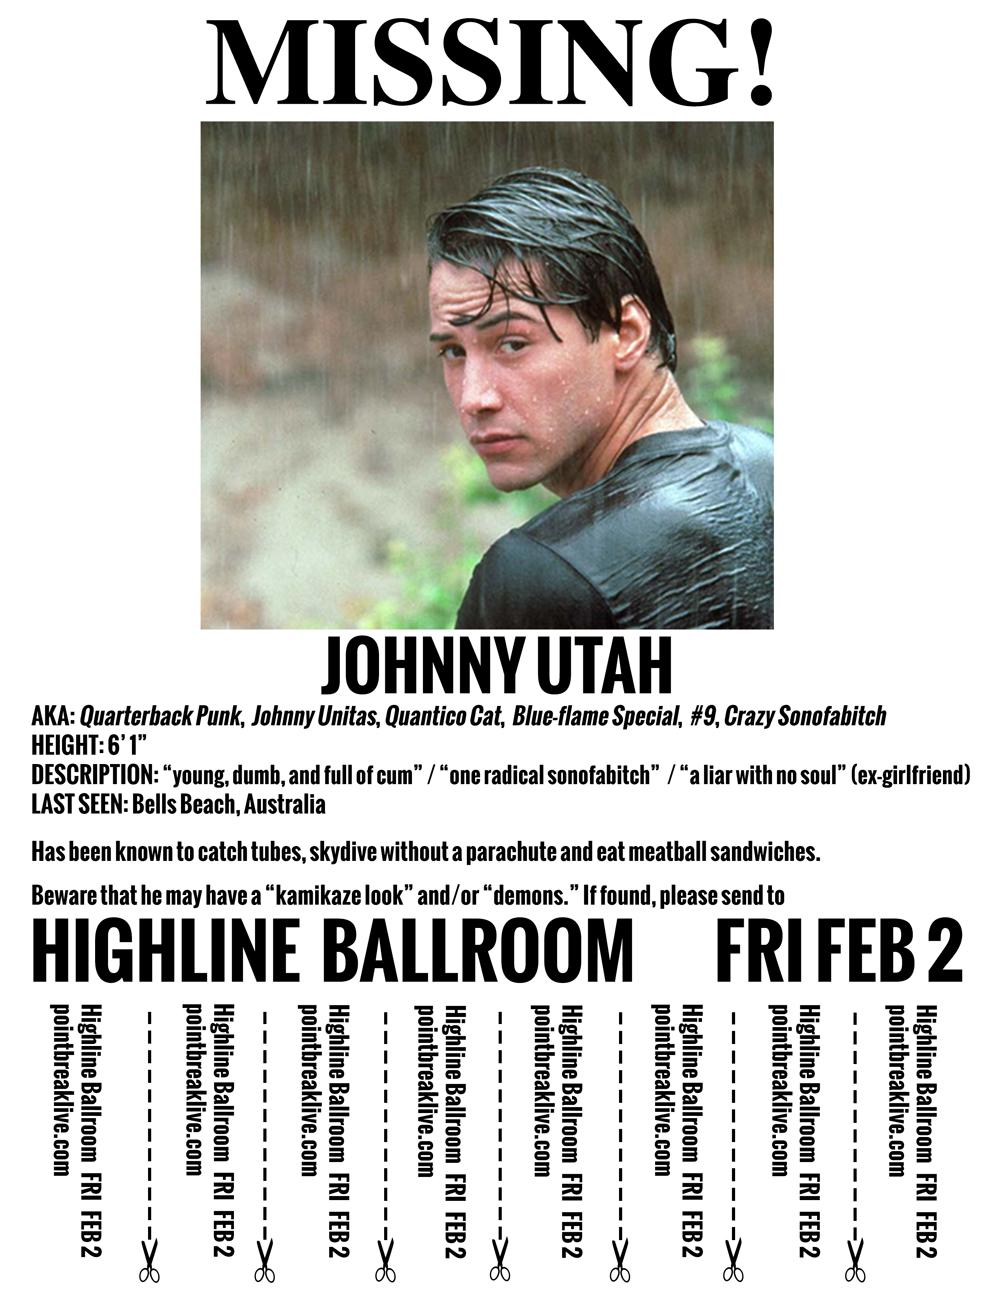 02_02_17_Highline_missing-johnny-utah.png